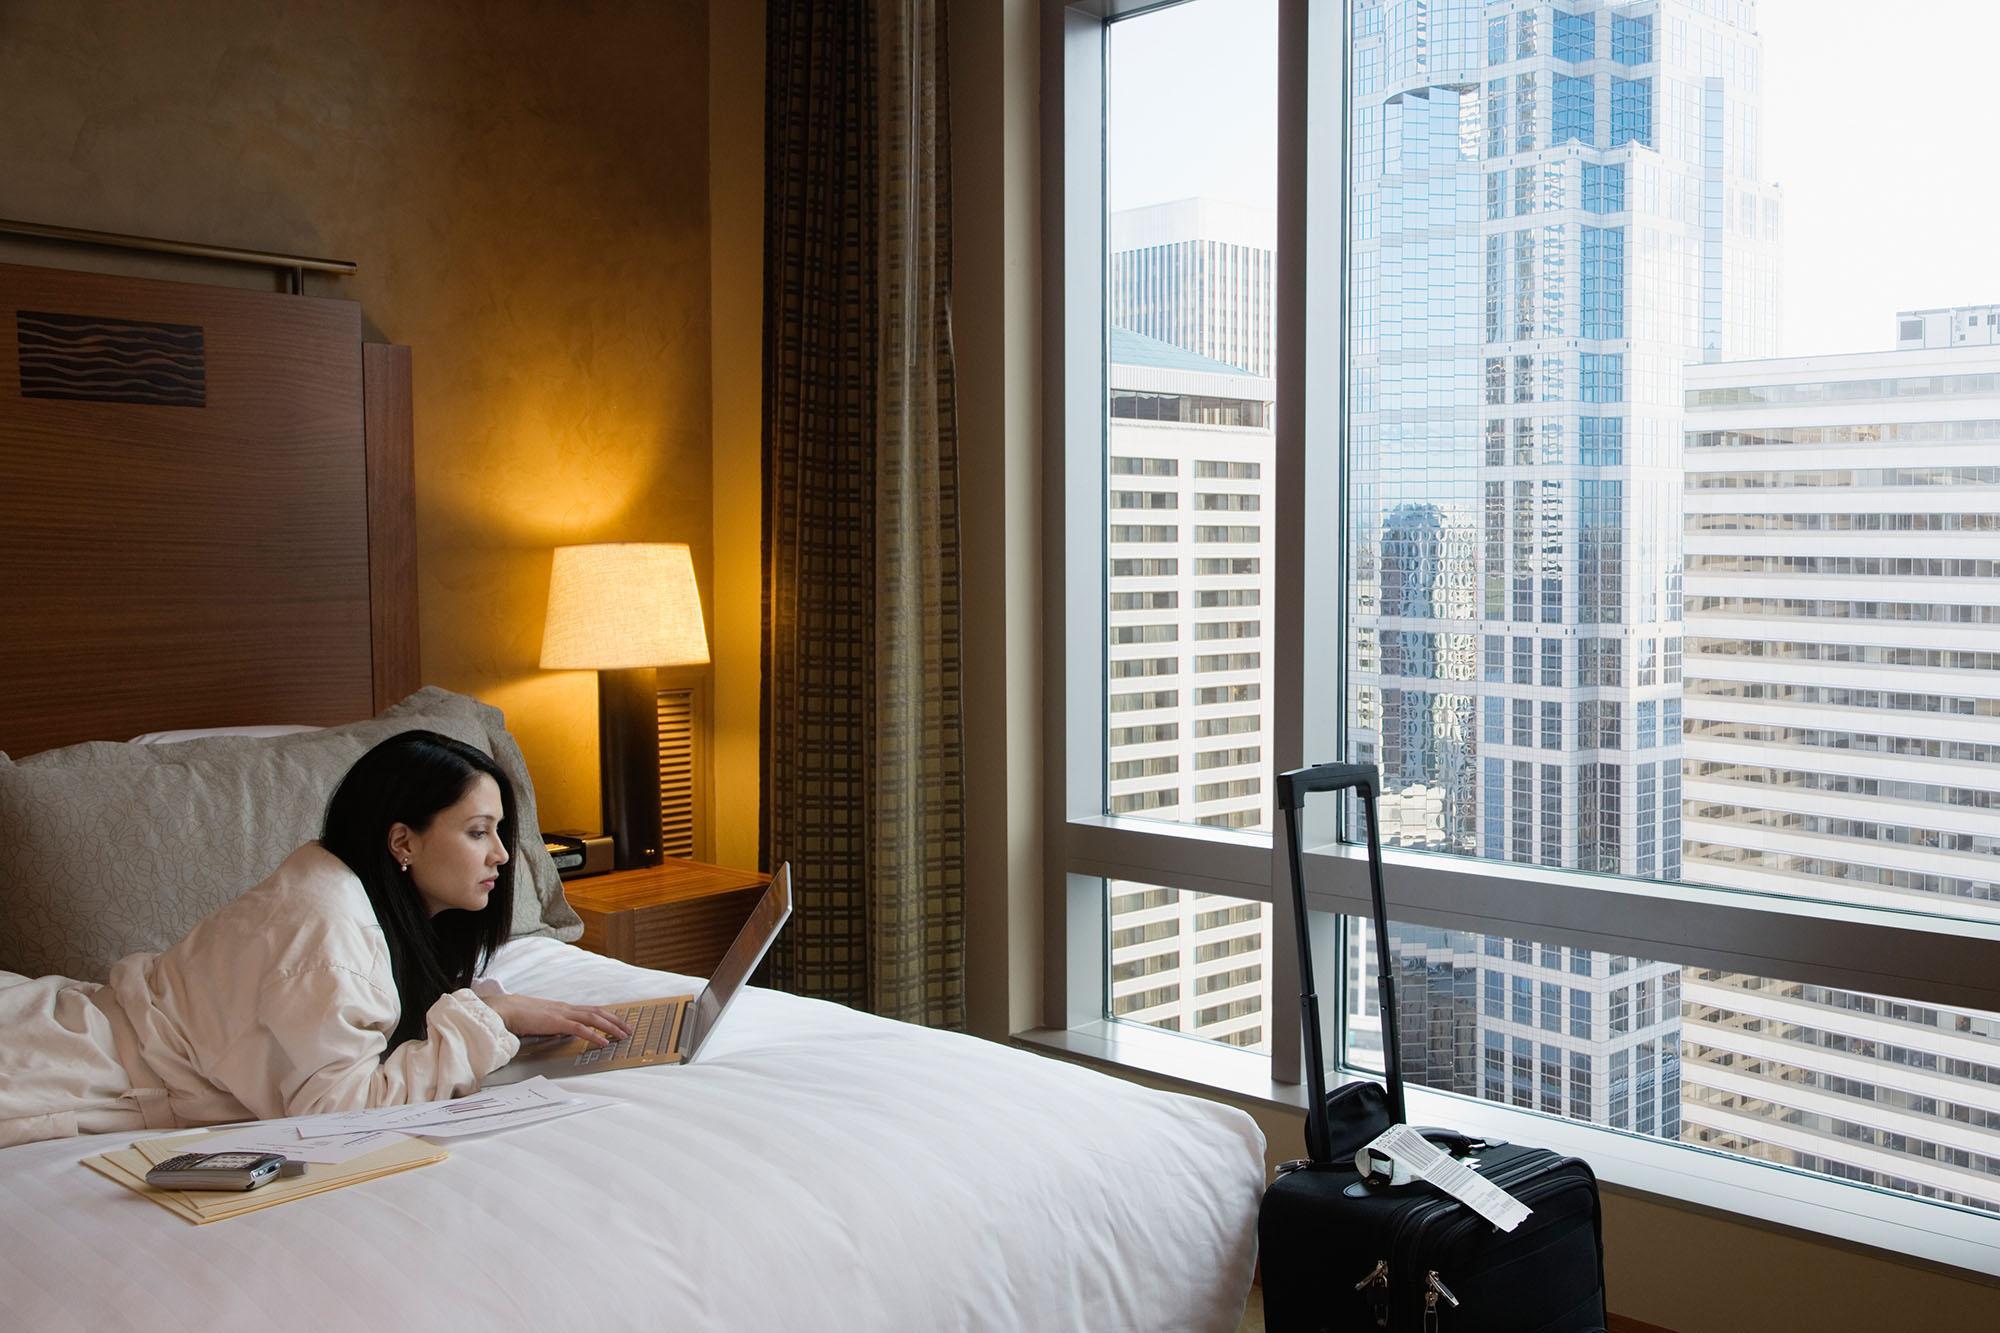 Безопасно ли жить в отеле в период COVID-19